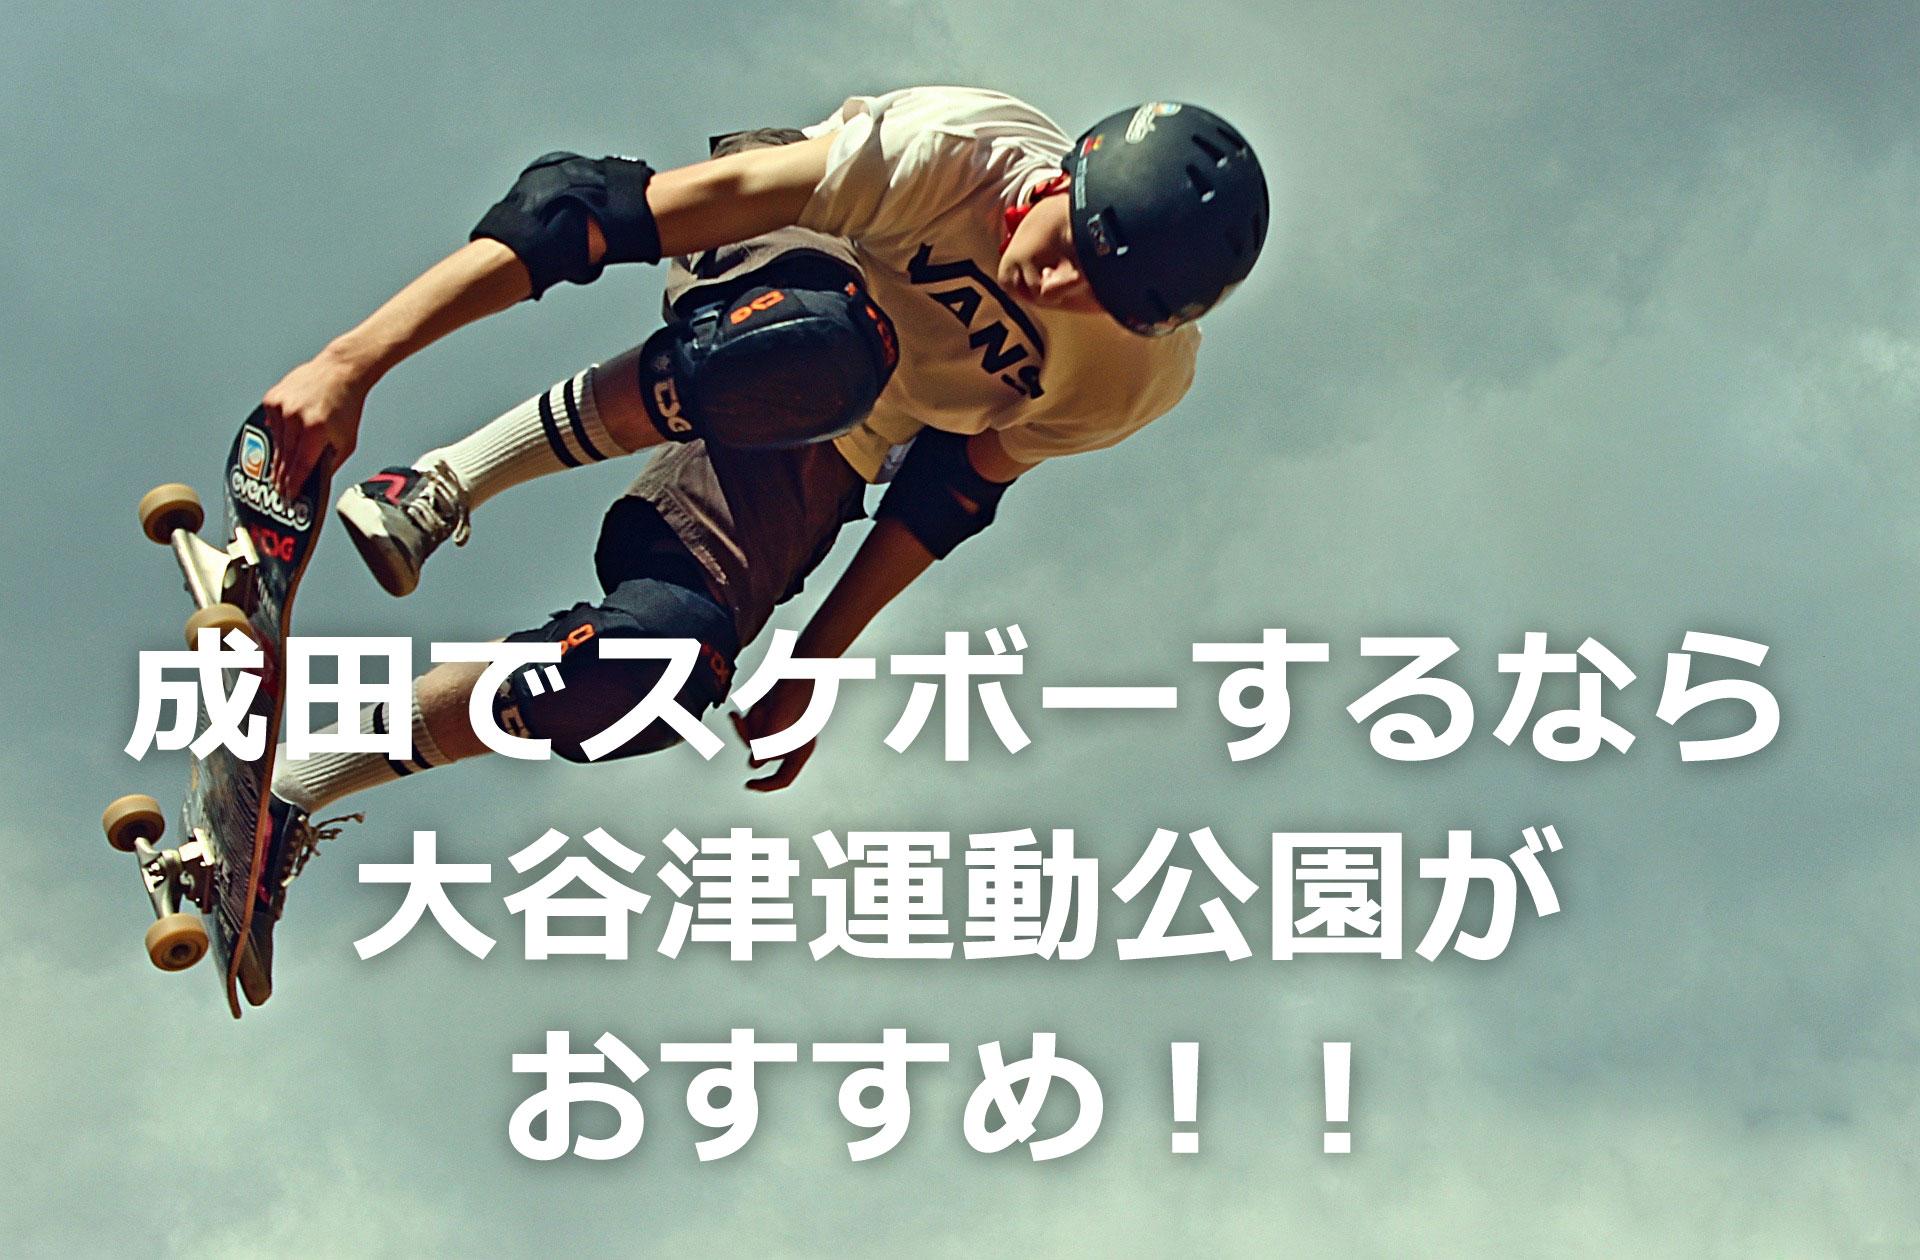 スケボー 成田